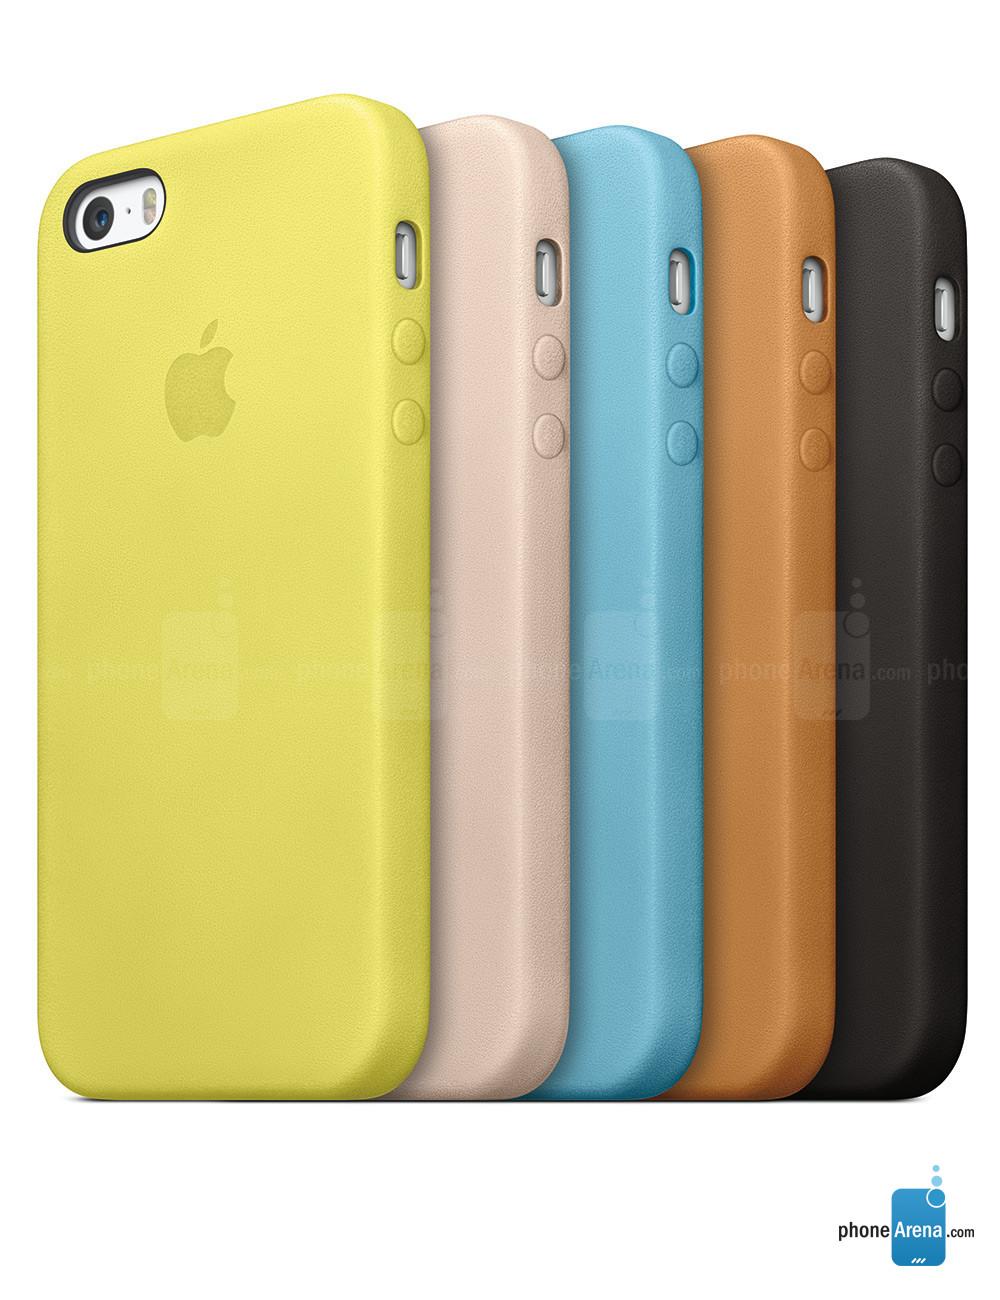 Apple iPhone 5s 6